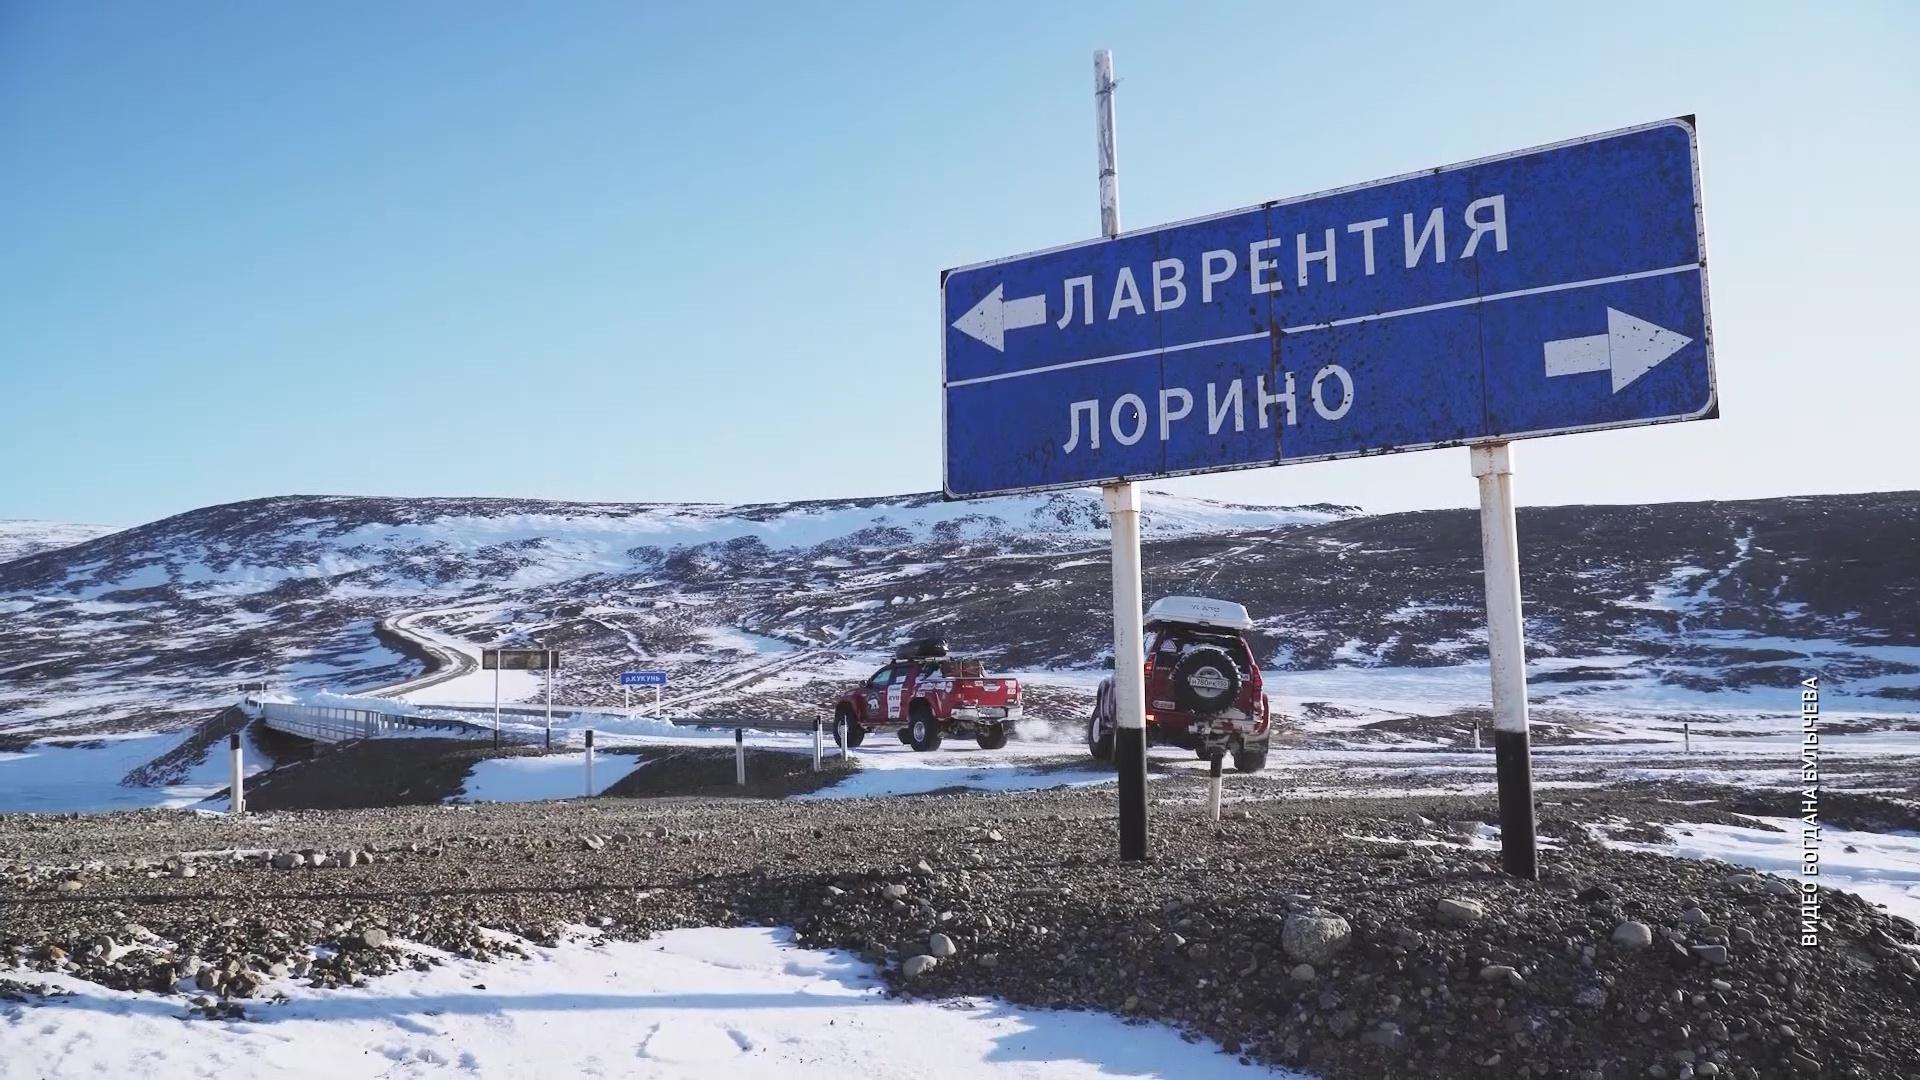 Ярославский путешественник проехал всю Евразию на машине